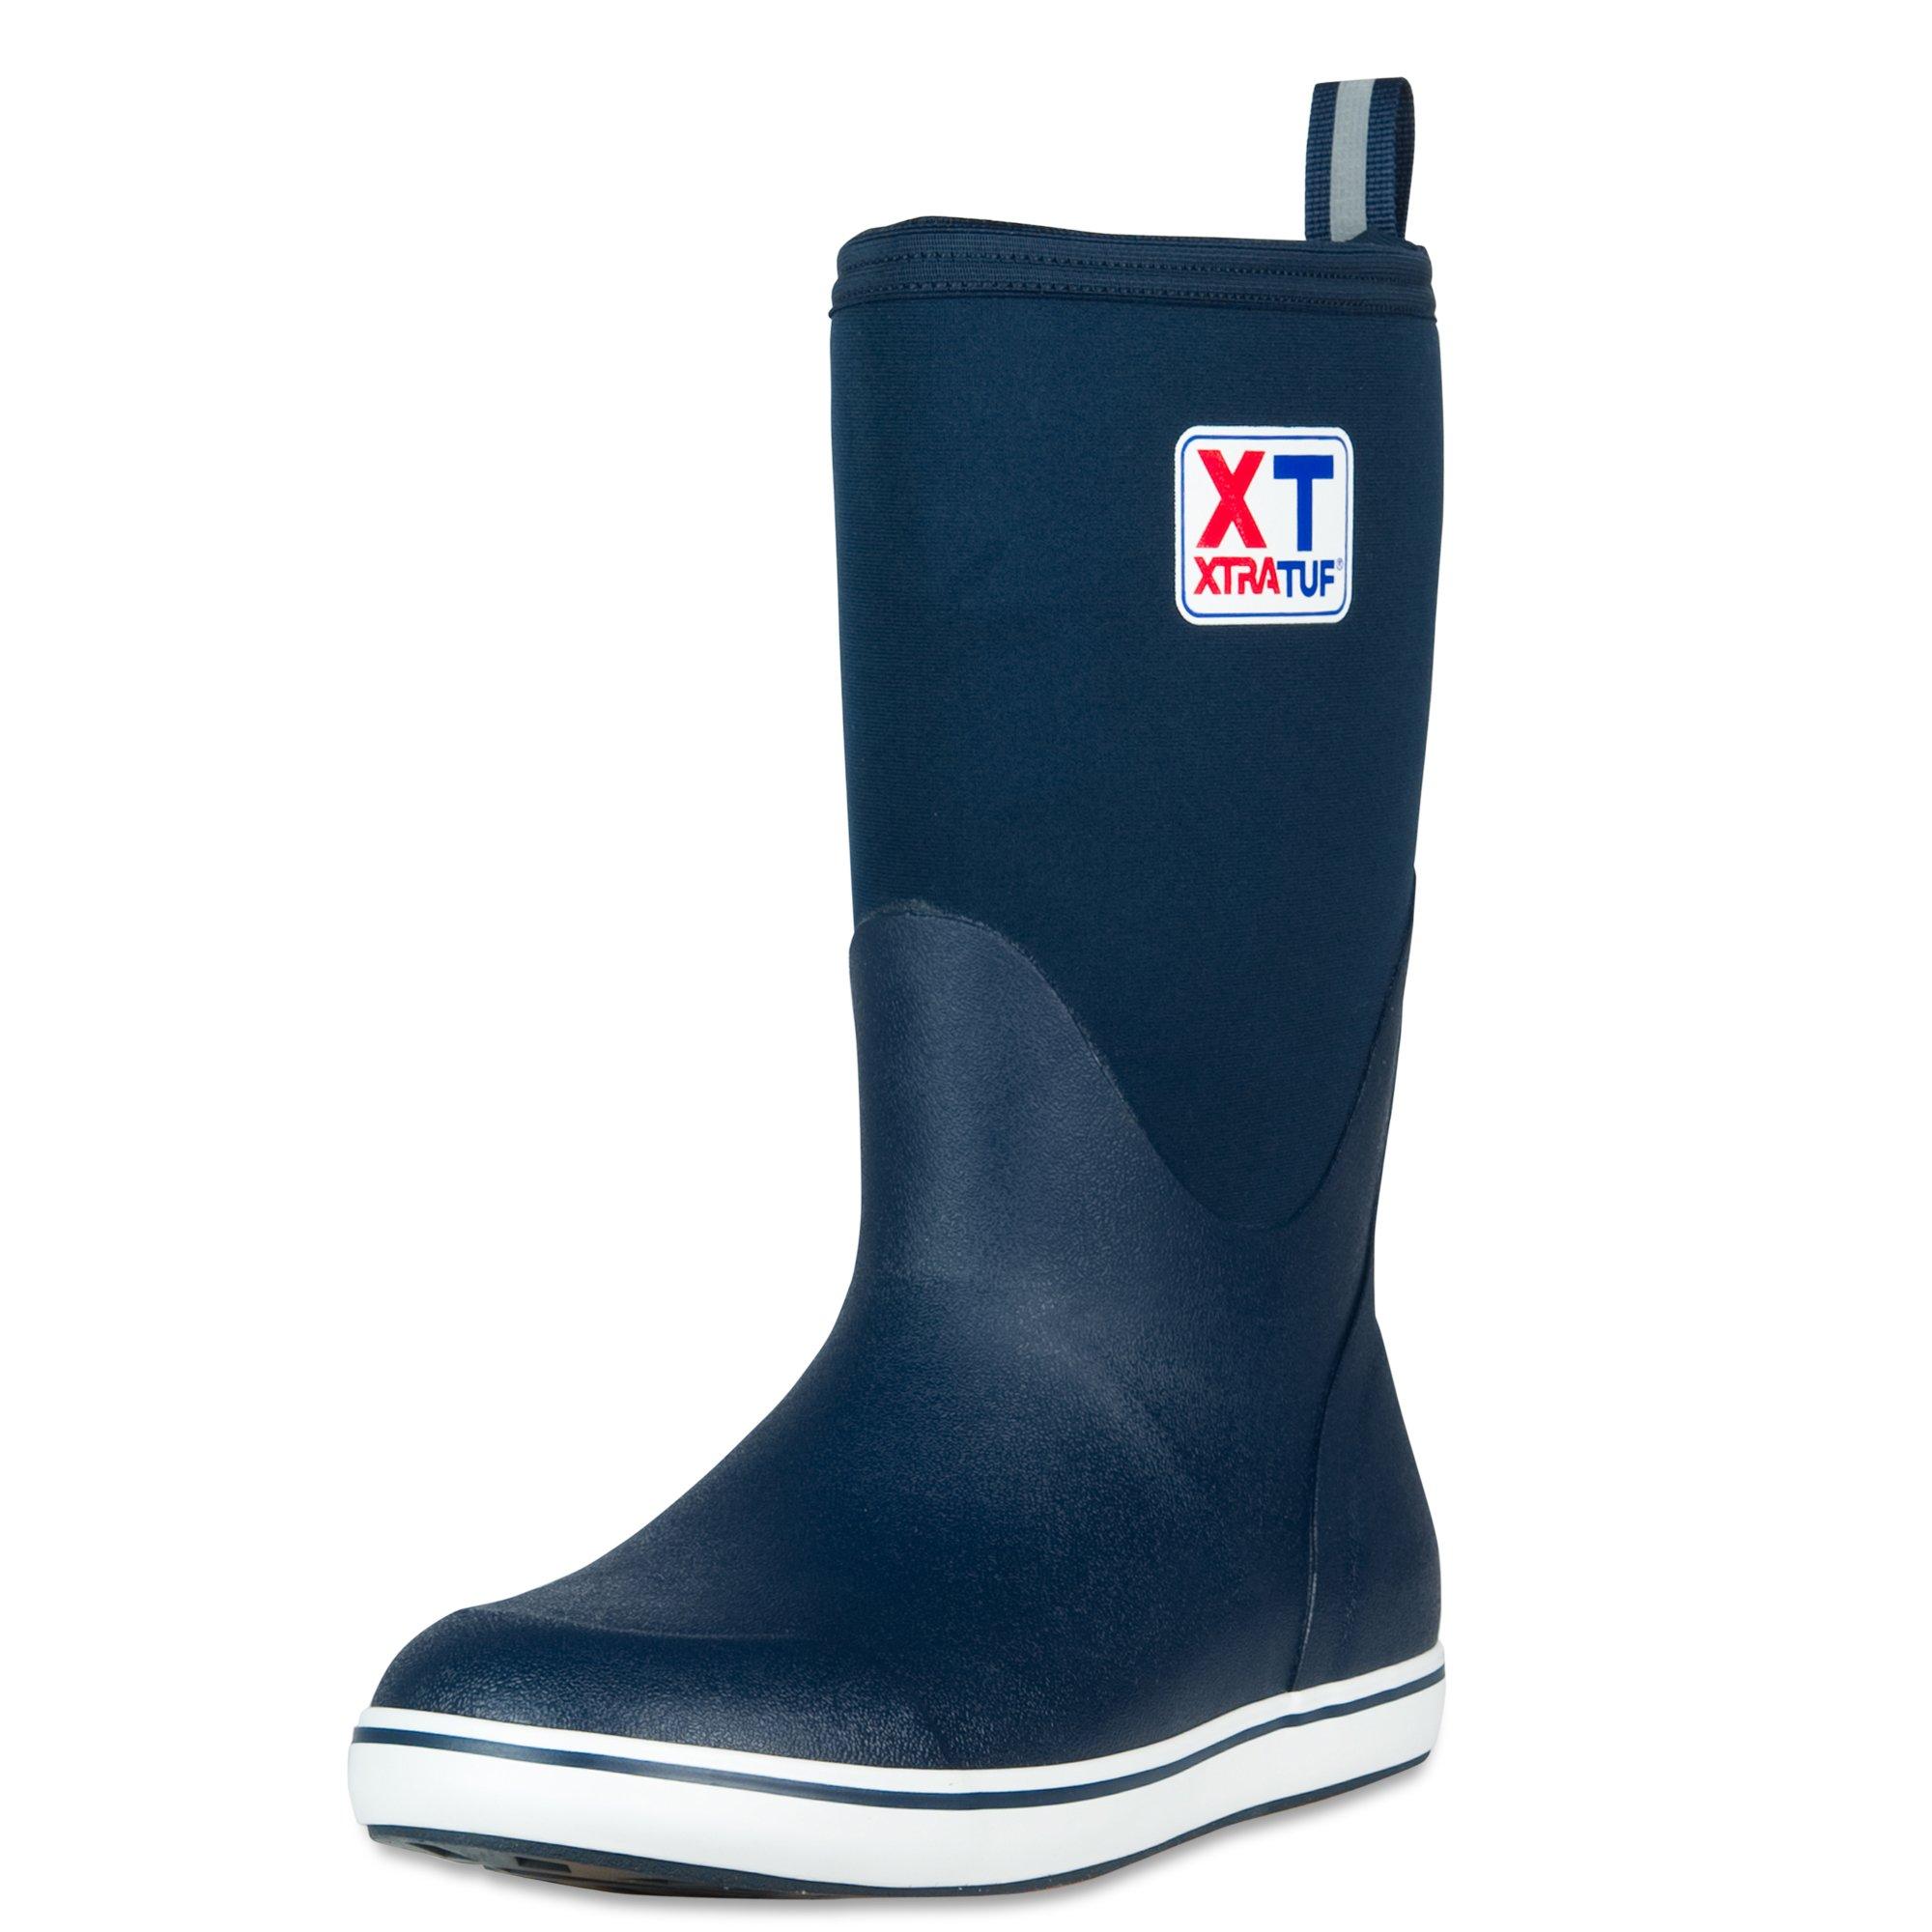 XTRATUF Performance Series 12'' Men's Neoprene & Rubber Deck Boots, Navy (22602)